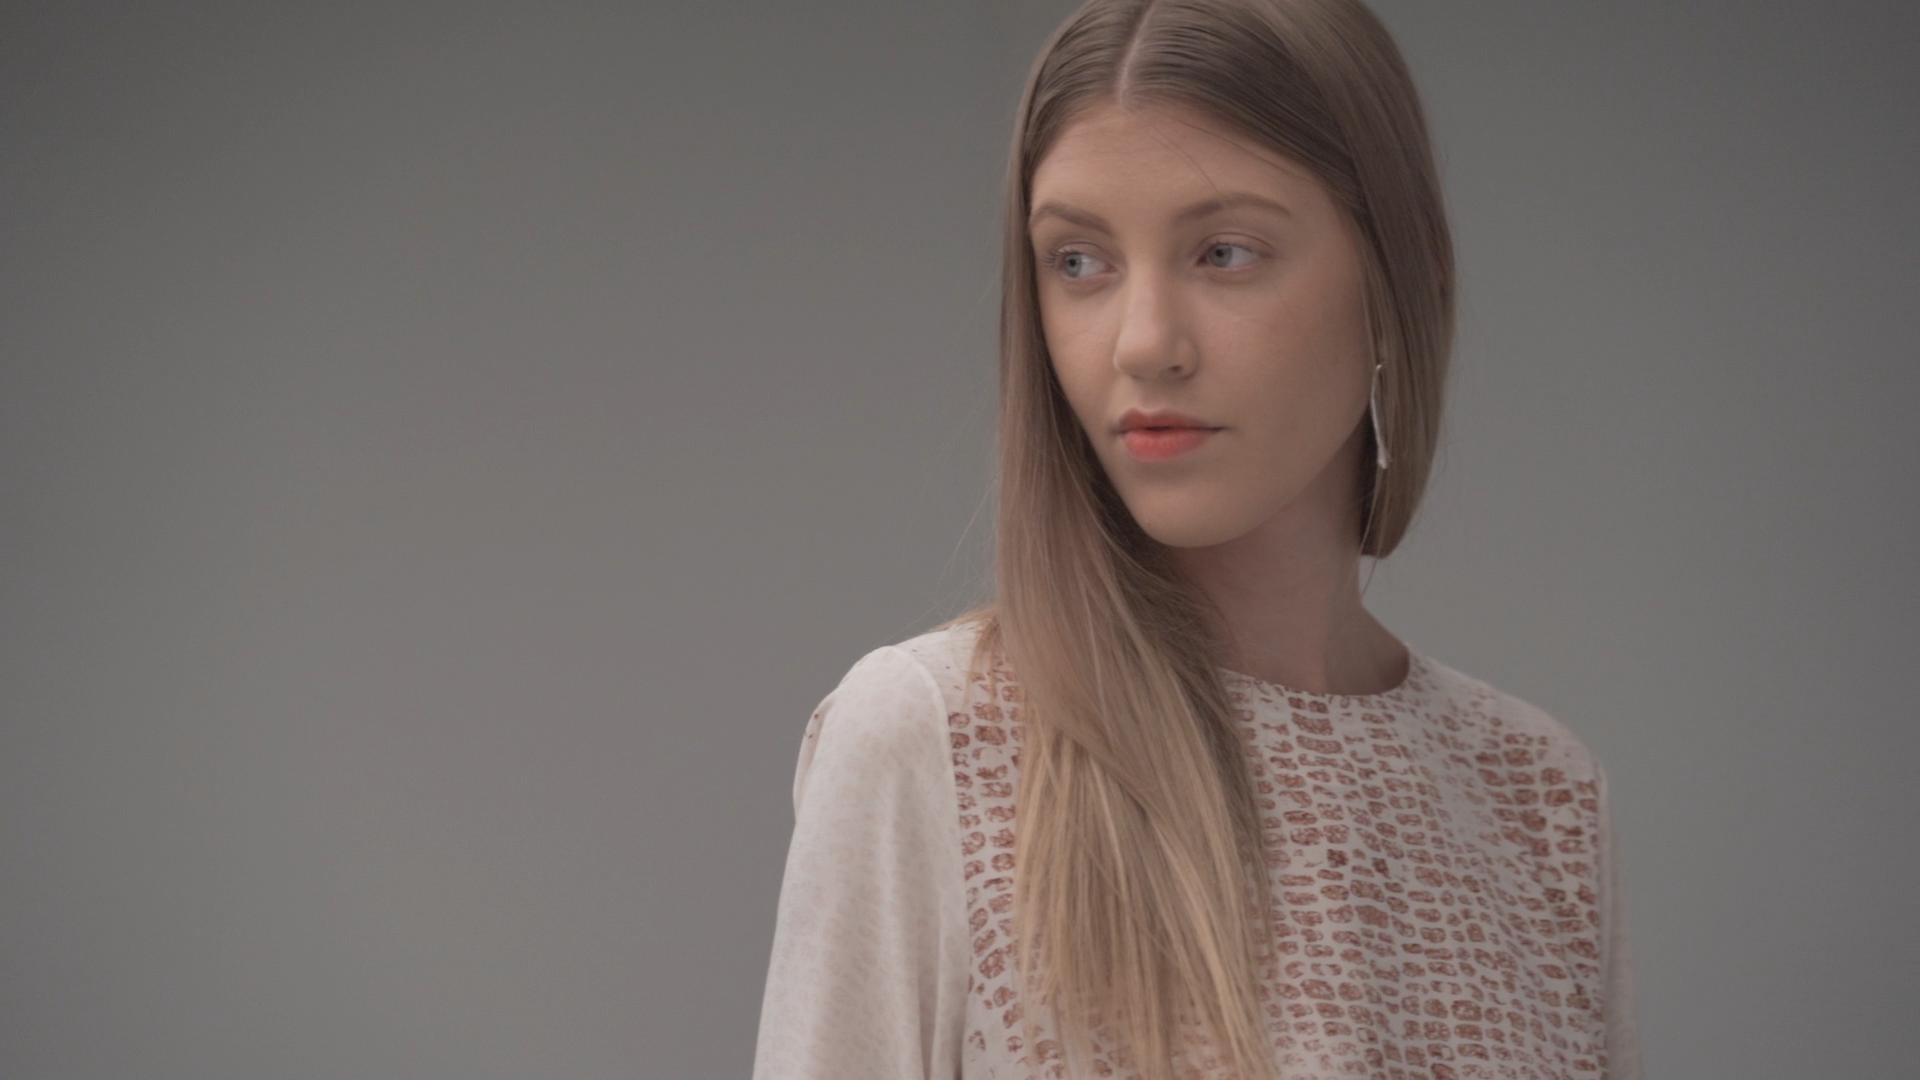 LA Fashion Week Woodwalk model